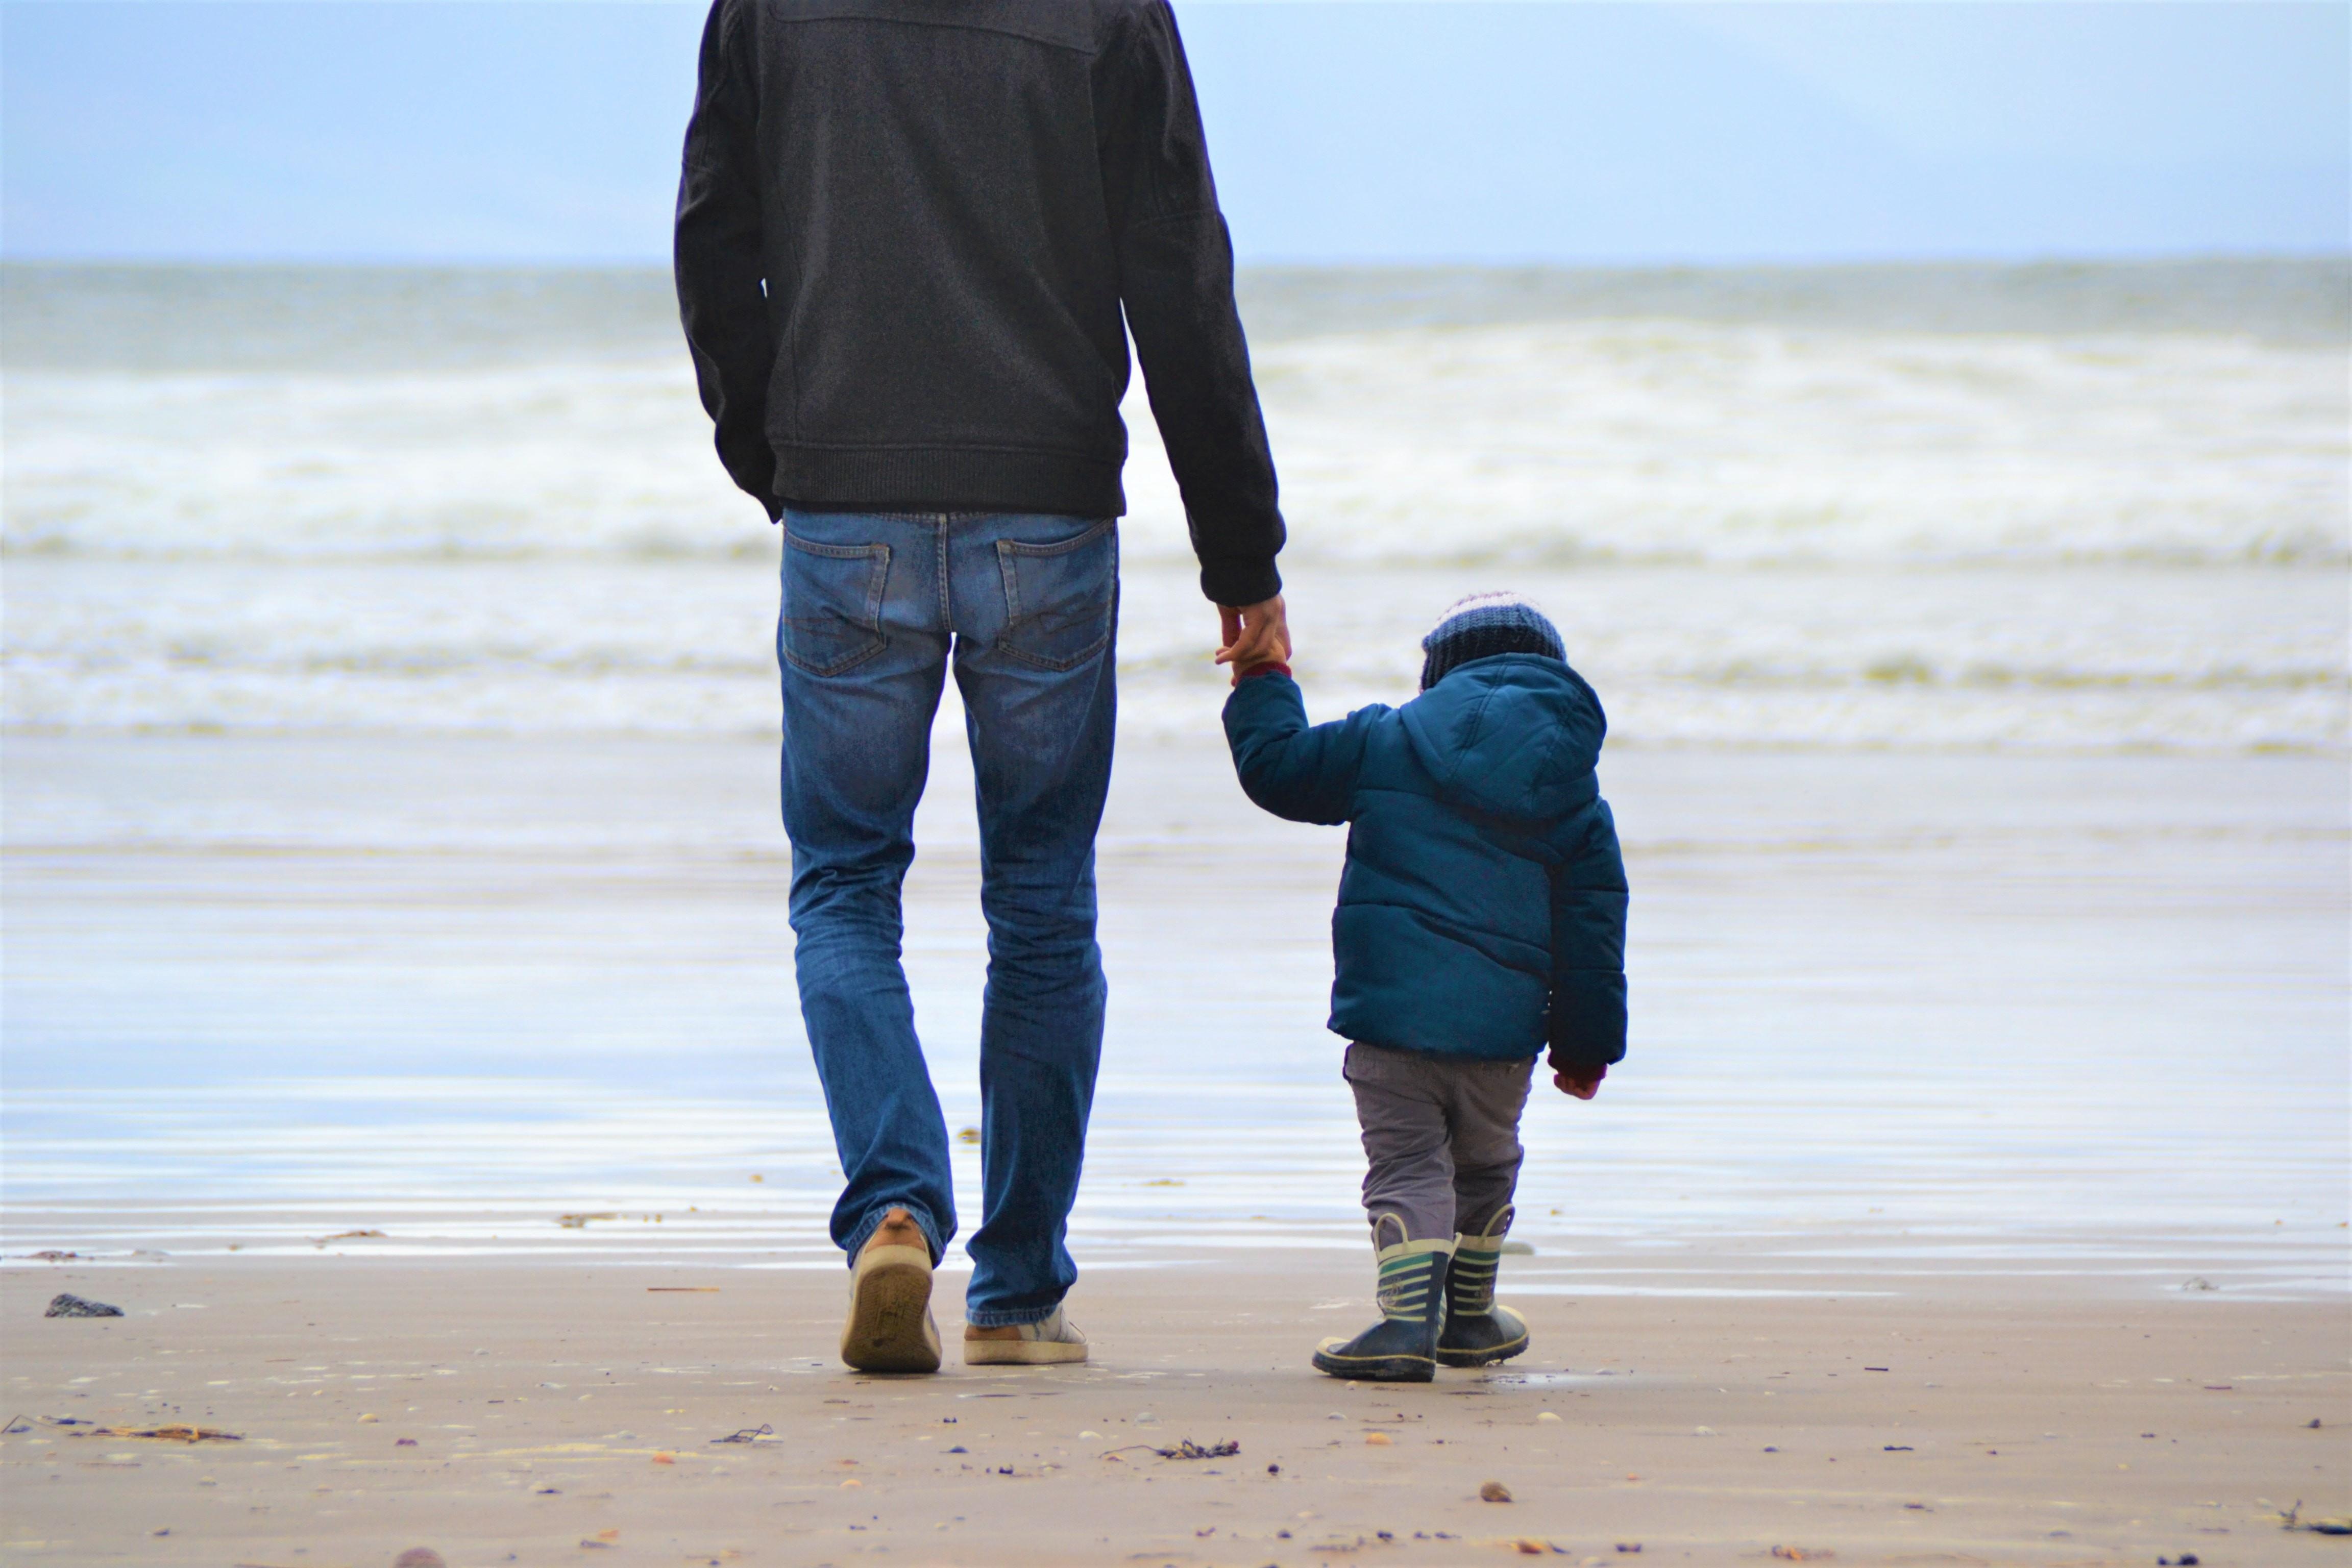 O que é a parentalidade positiva, corrente que defende a criação 'firme e gentil' das crianças - Notícias - Plantão Diário